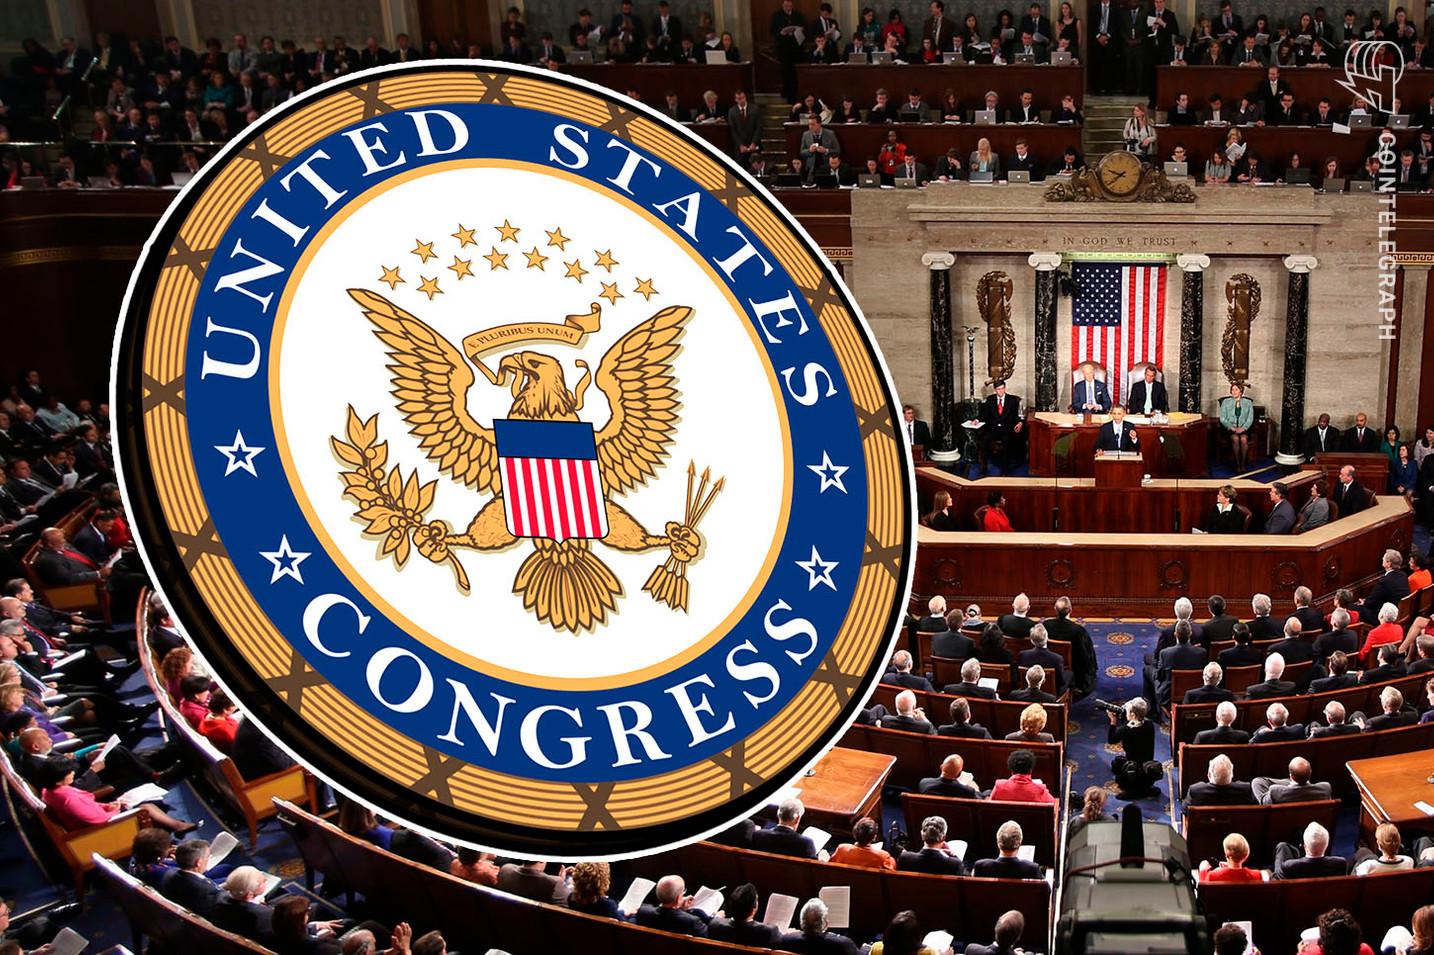 El representante Sherman pide que se prohíban las criptomonedas, dice que amenazan con disminuir el poder estadounidense